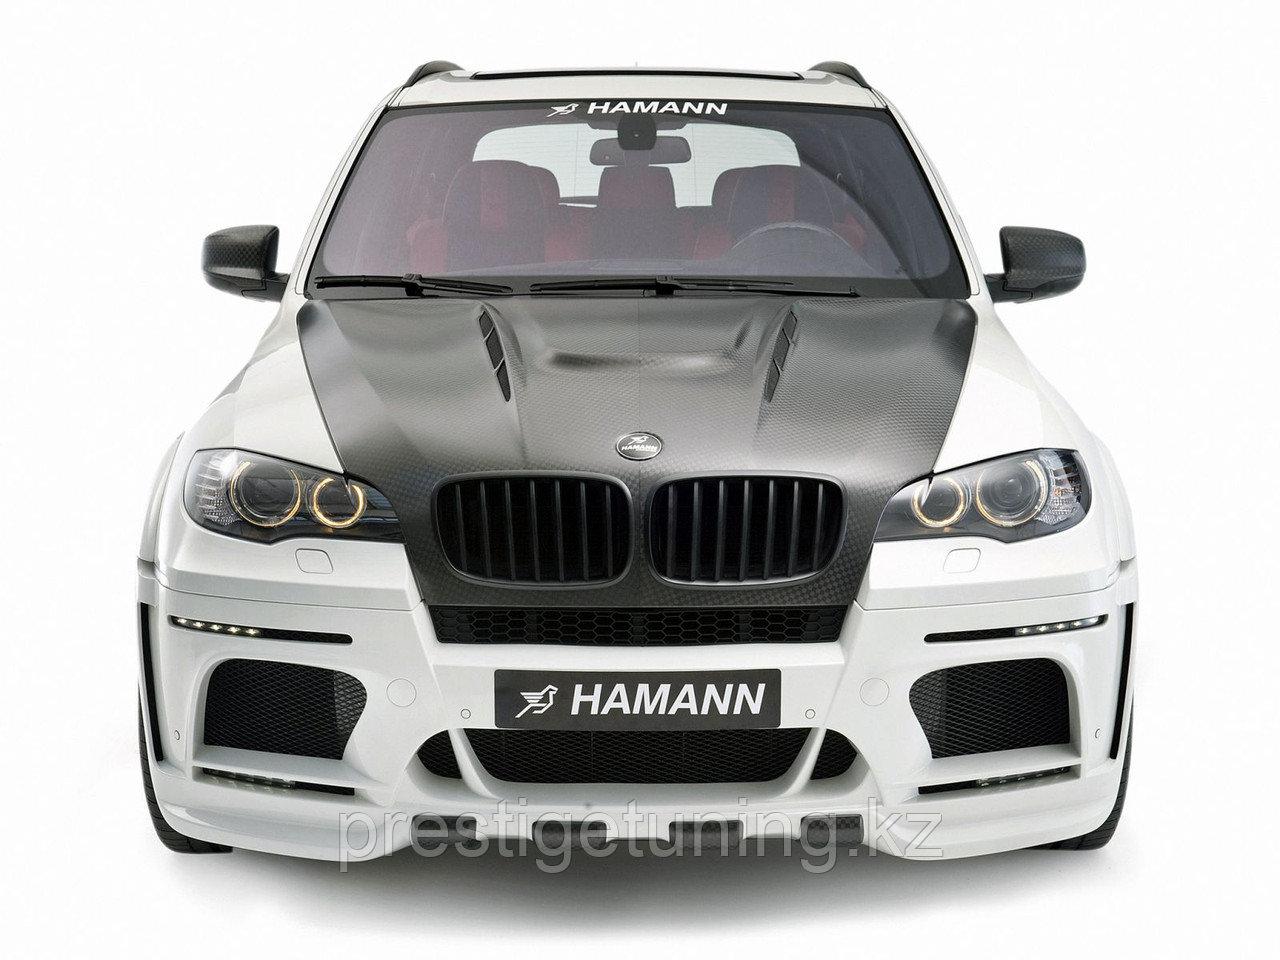 Обвес Hamann style на BMW X5m